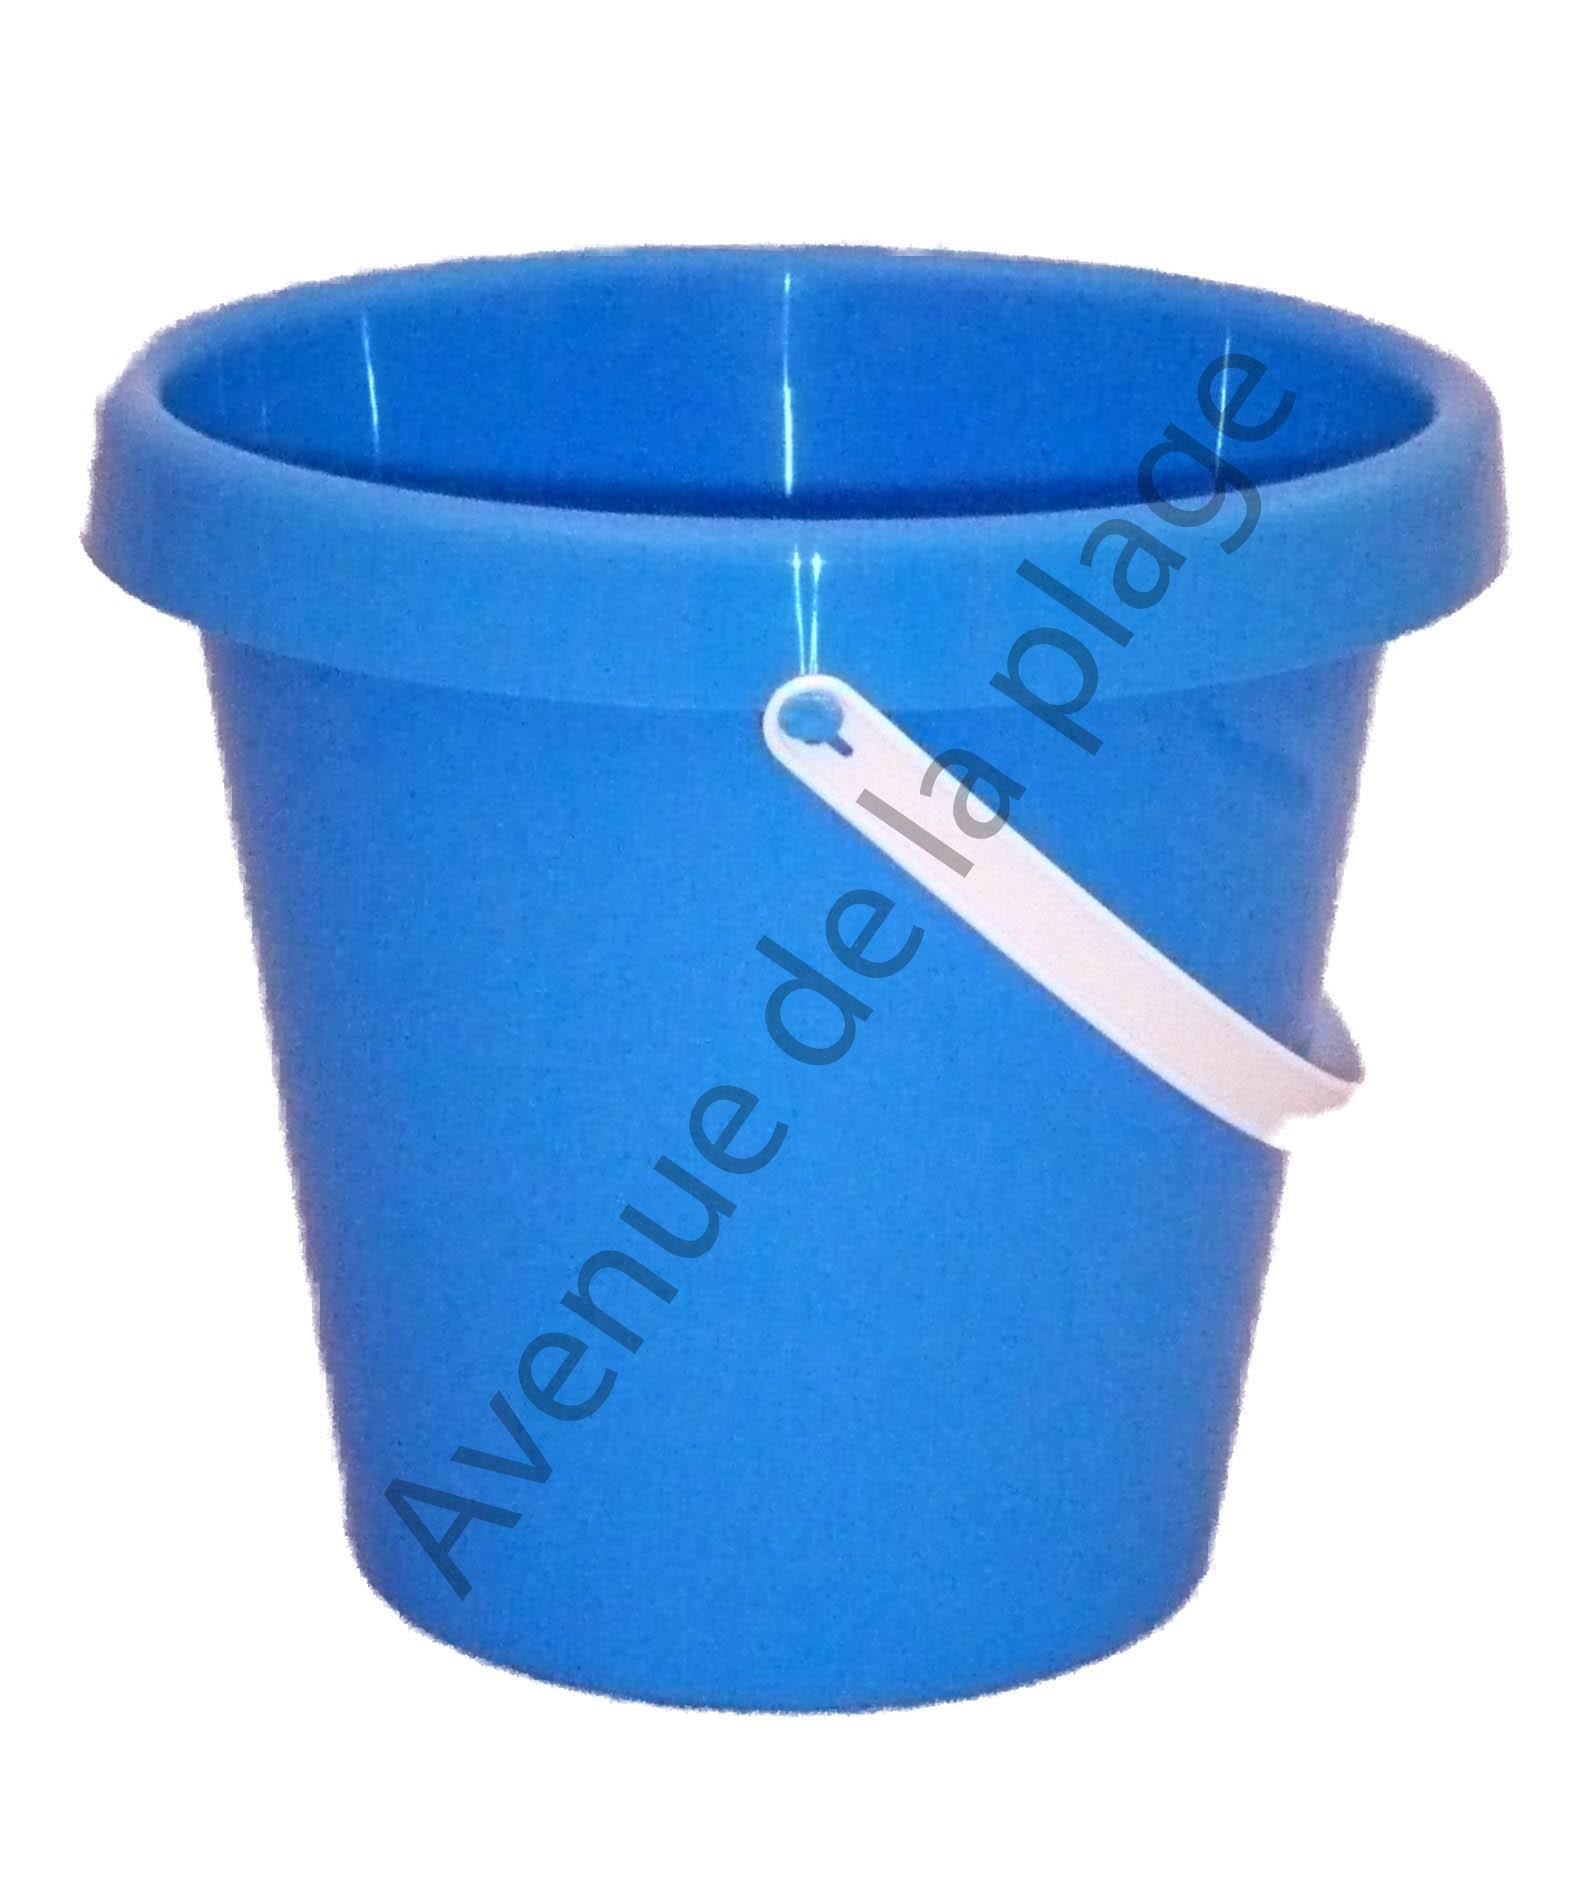 seau de plage 22 cm bleu fabriqu en france